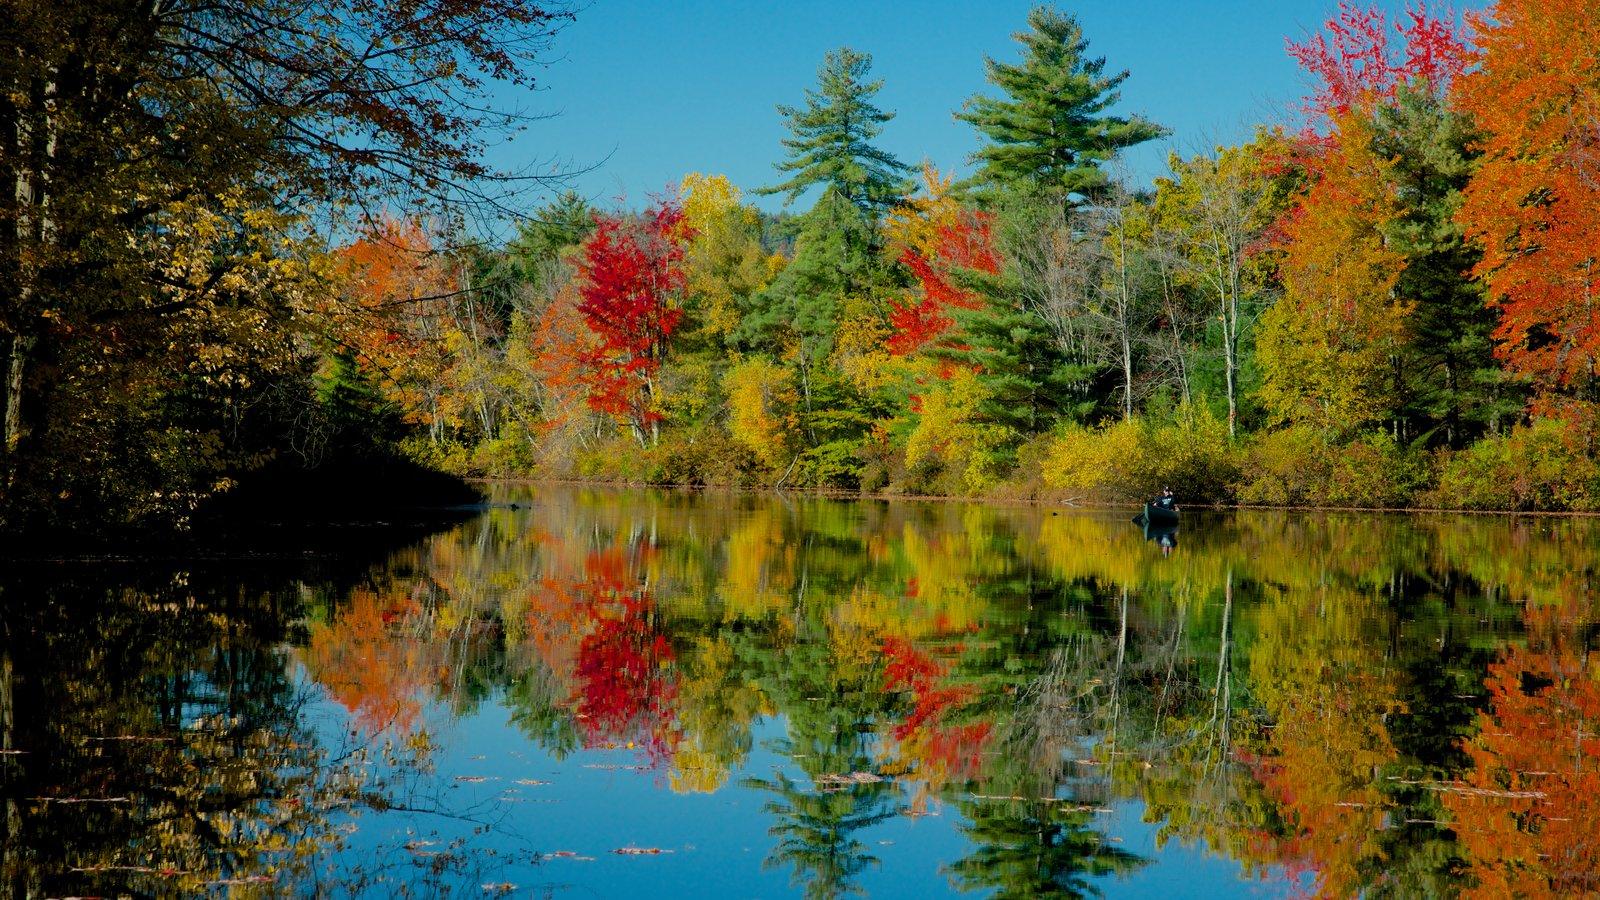 Conway que incluye hojas de otoño, un jardín y un río o arroyo